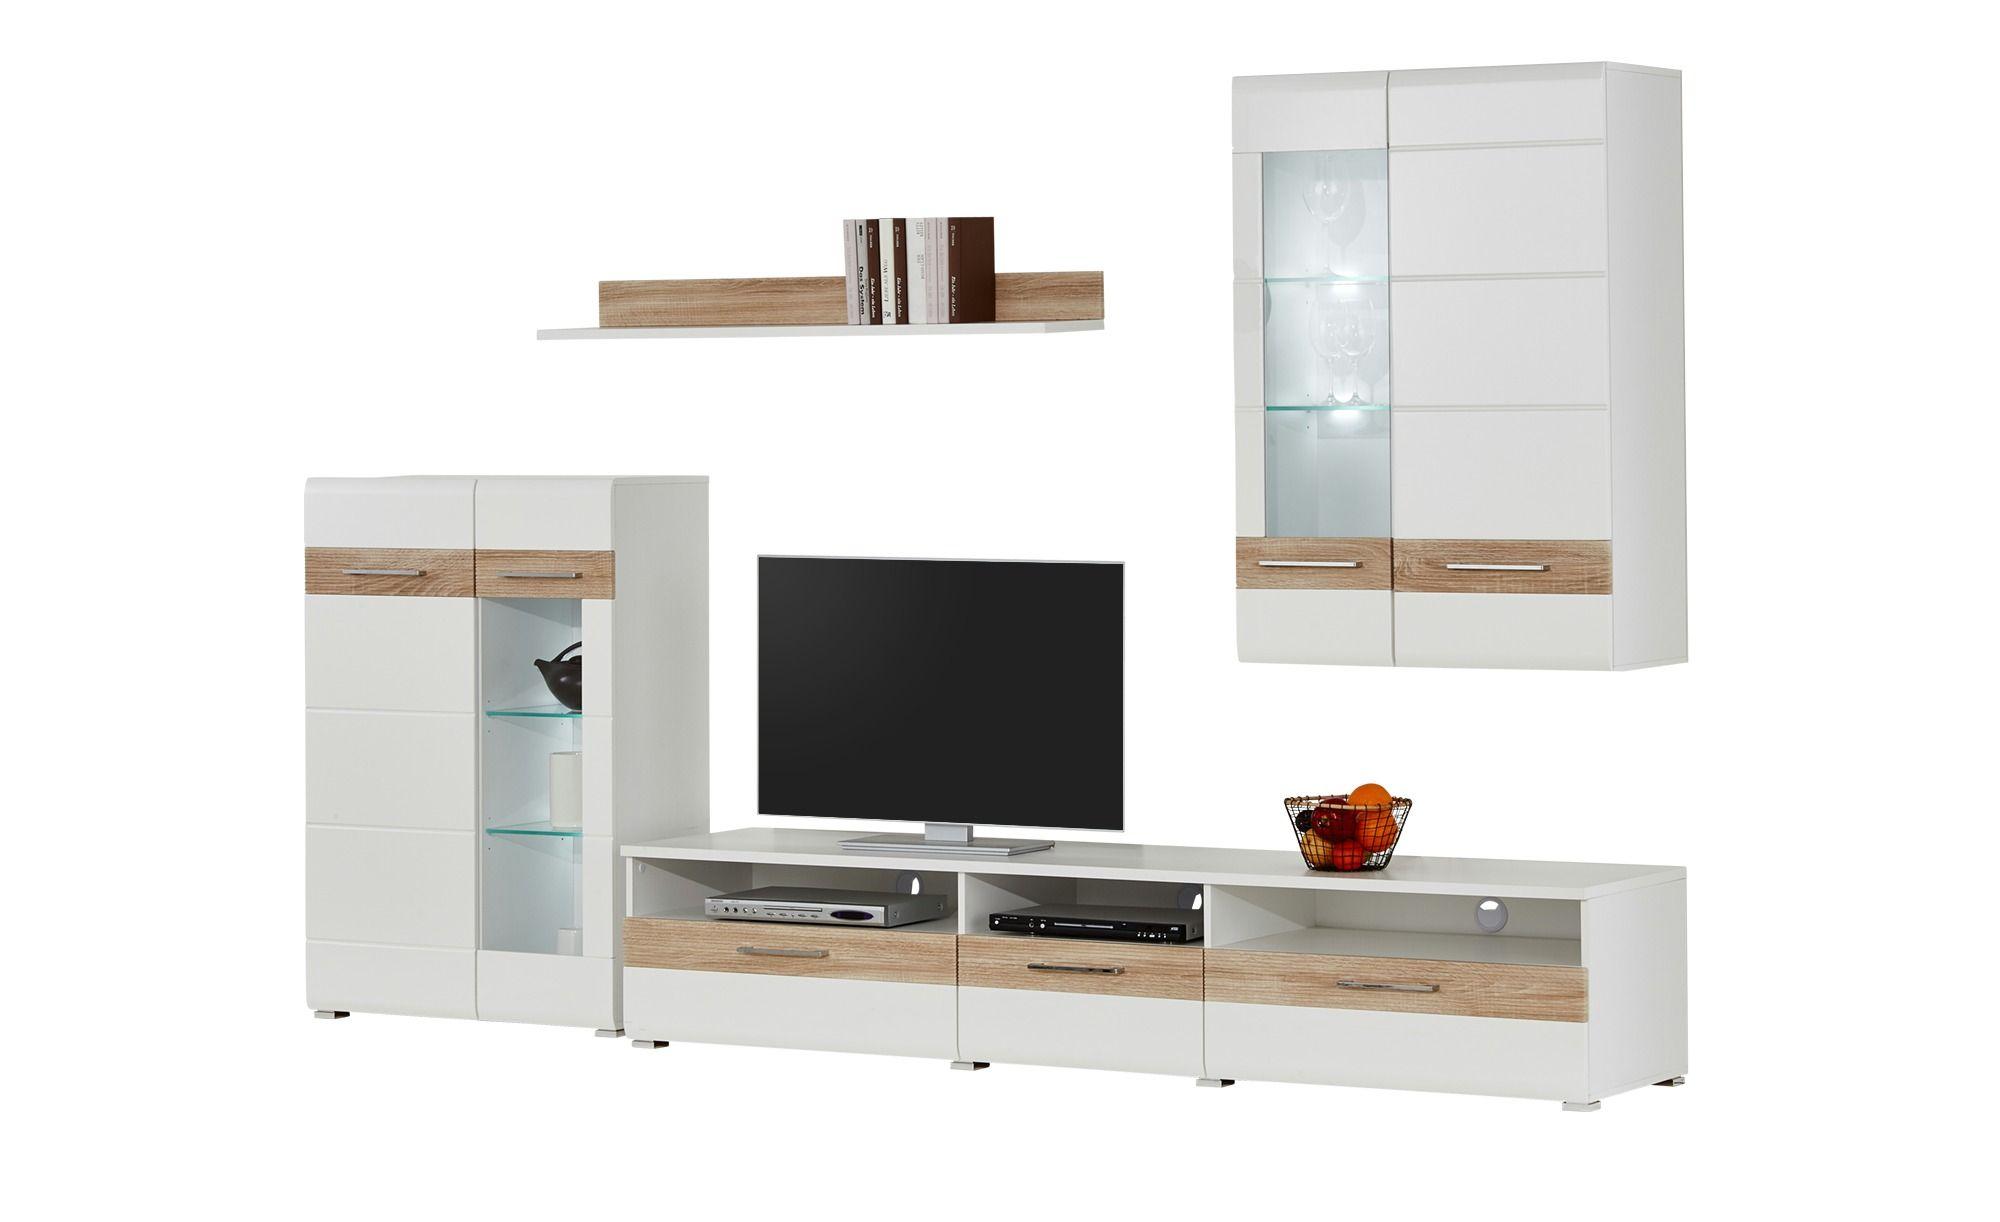 Mobel Kraft Wohnzimmer Wohnen Gunstige Mobel Und Neue Wohnung